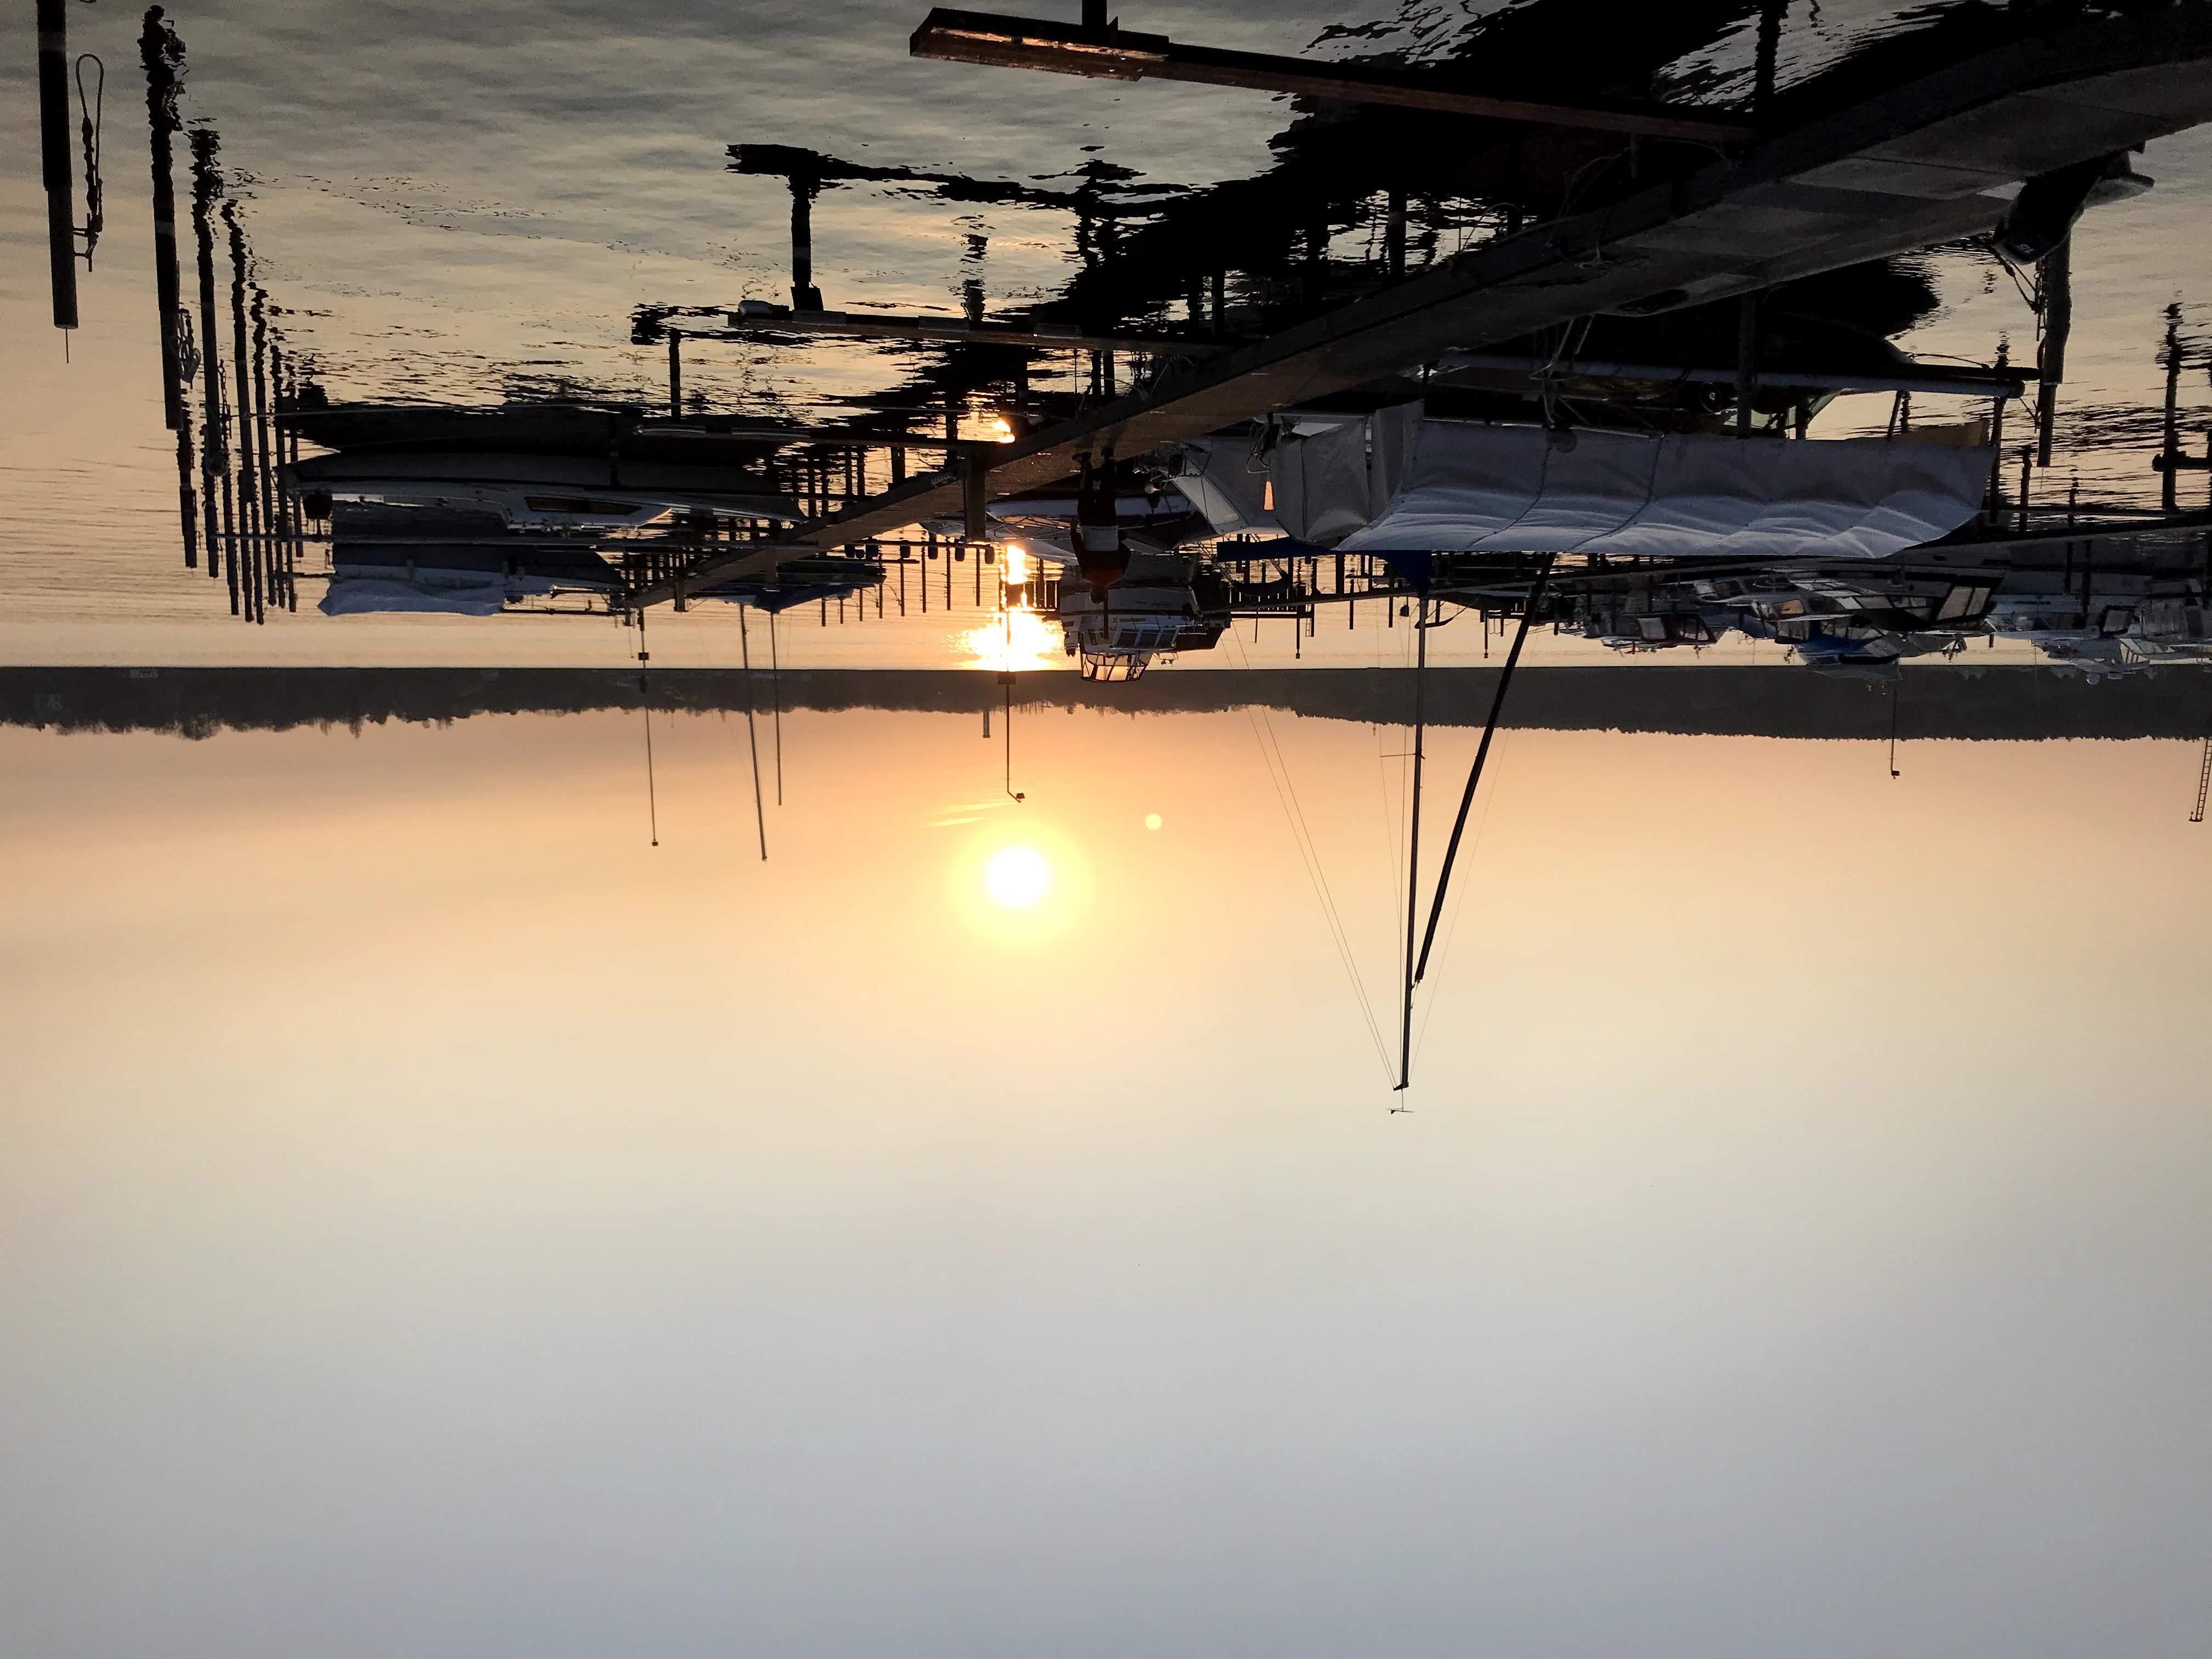 2. Sliptermin & Lockerungen zur Nutzung von Wassersportgrundstücken